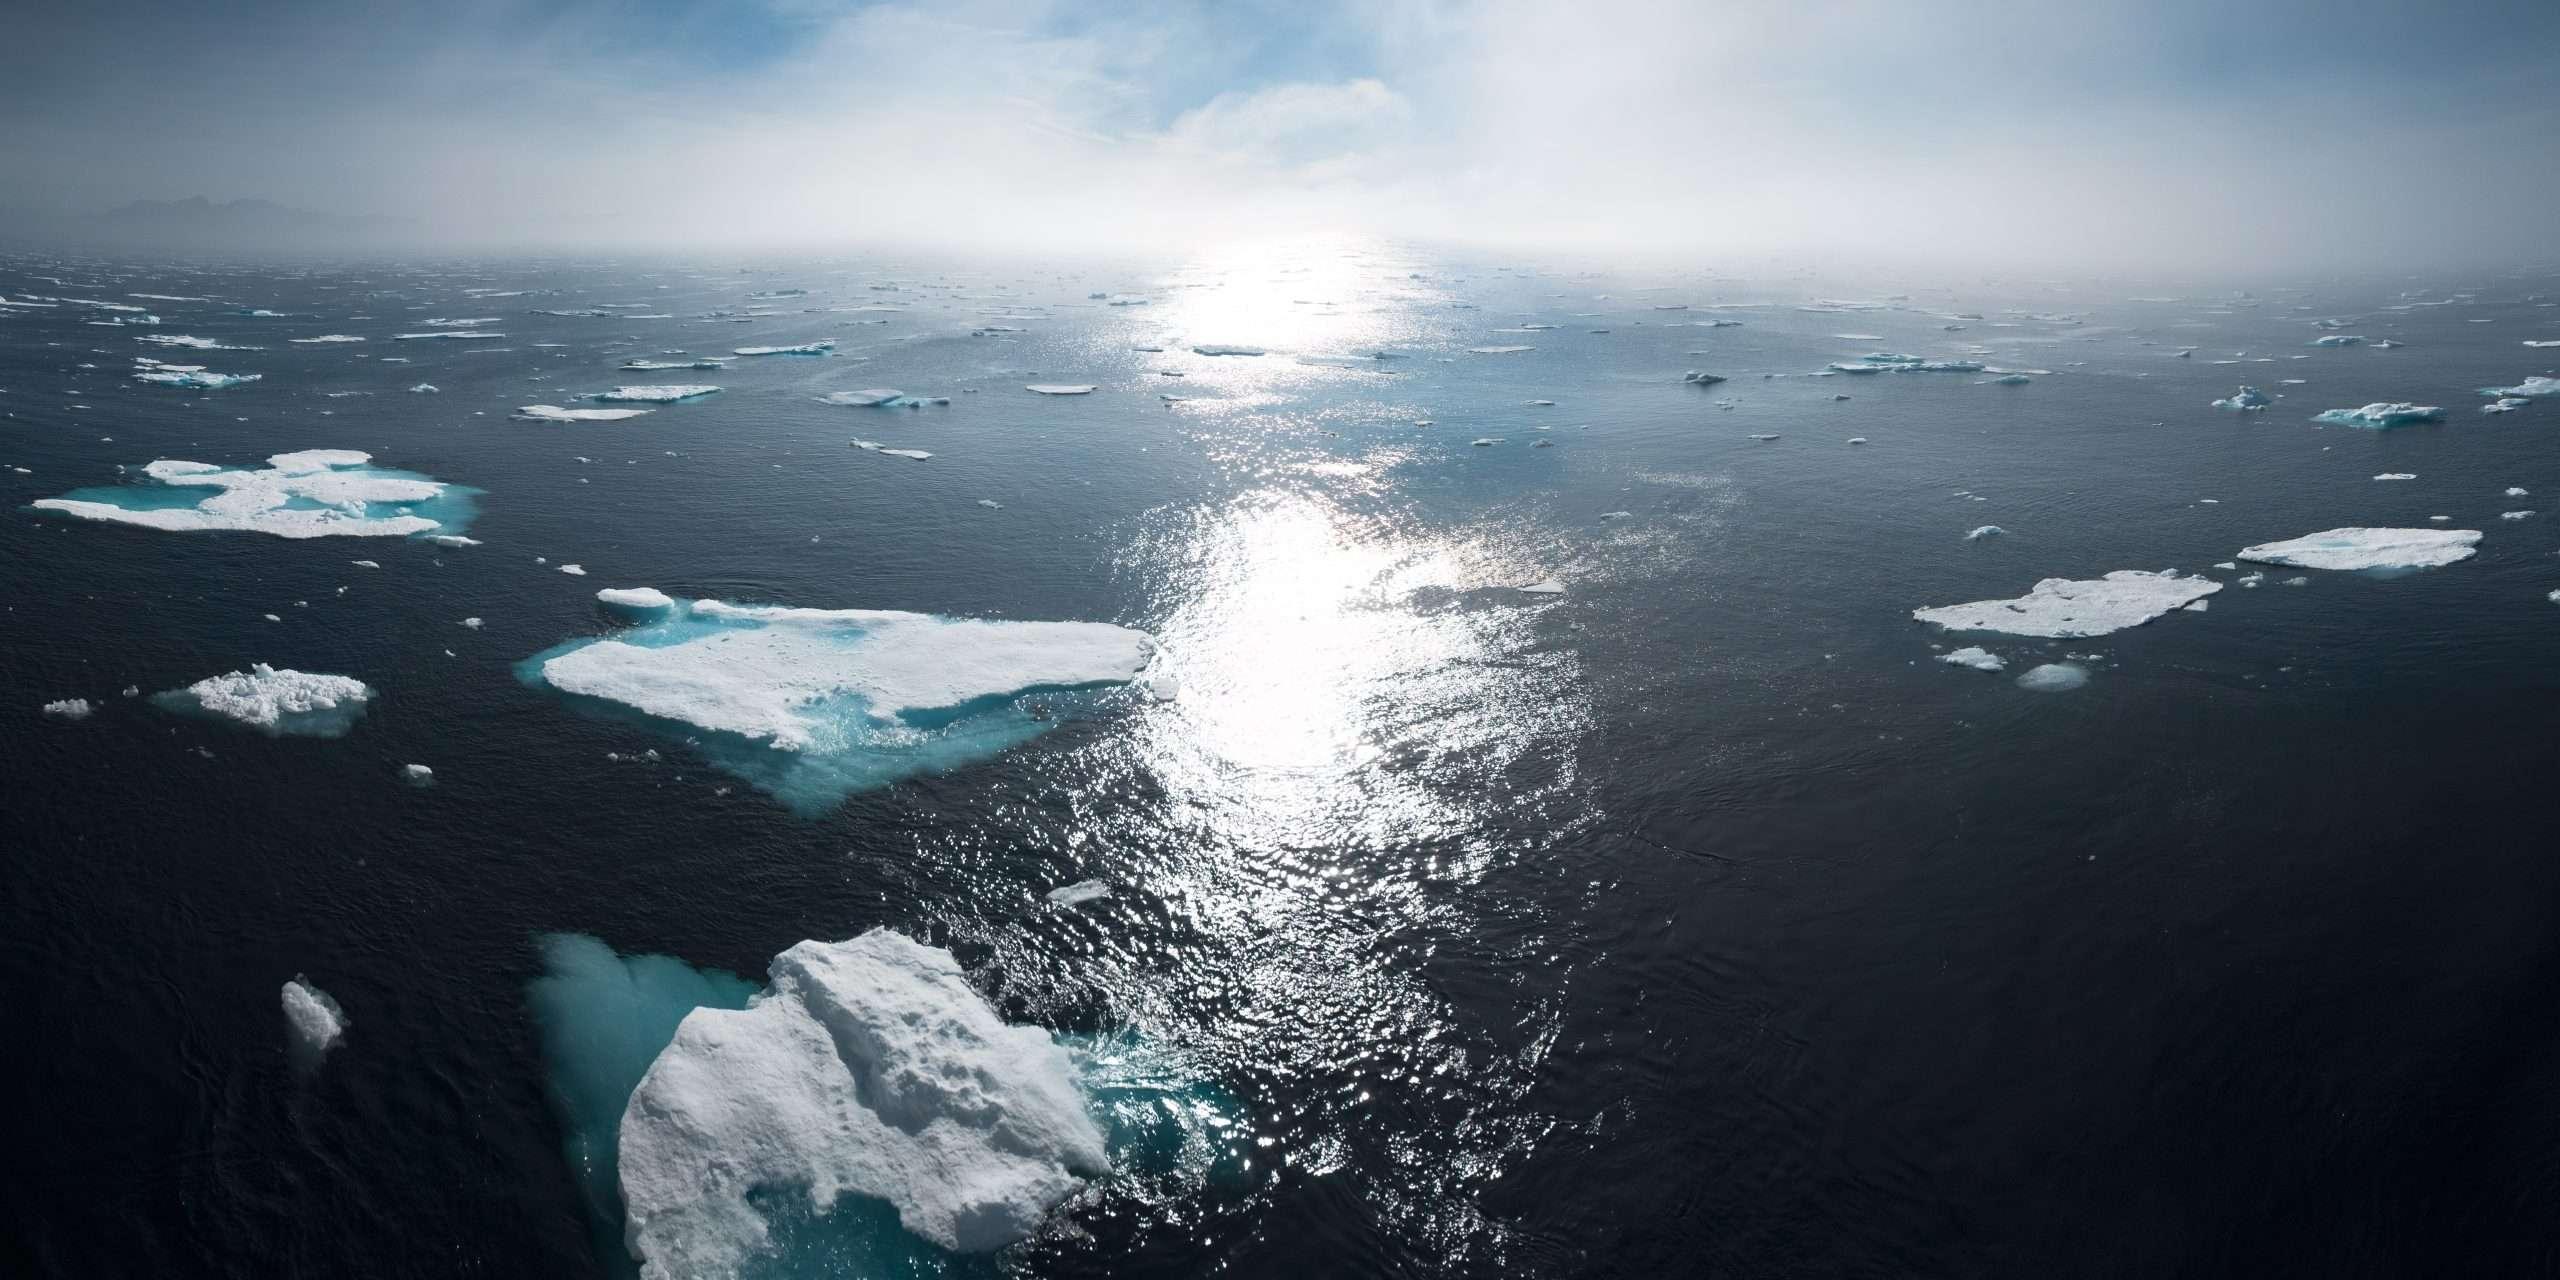 cambio climático - calentamiento global